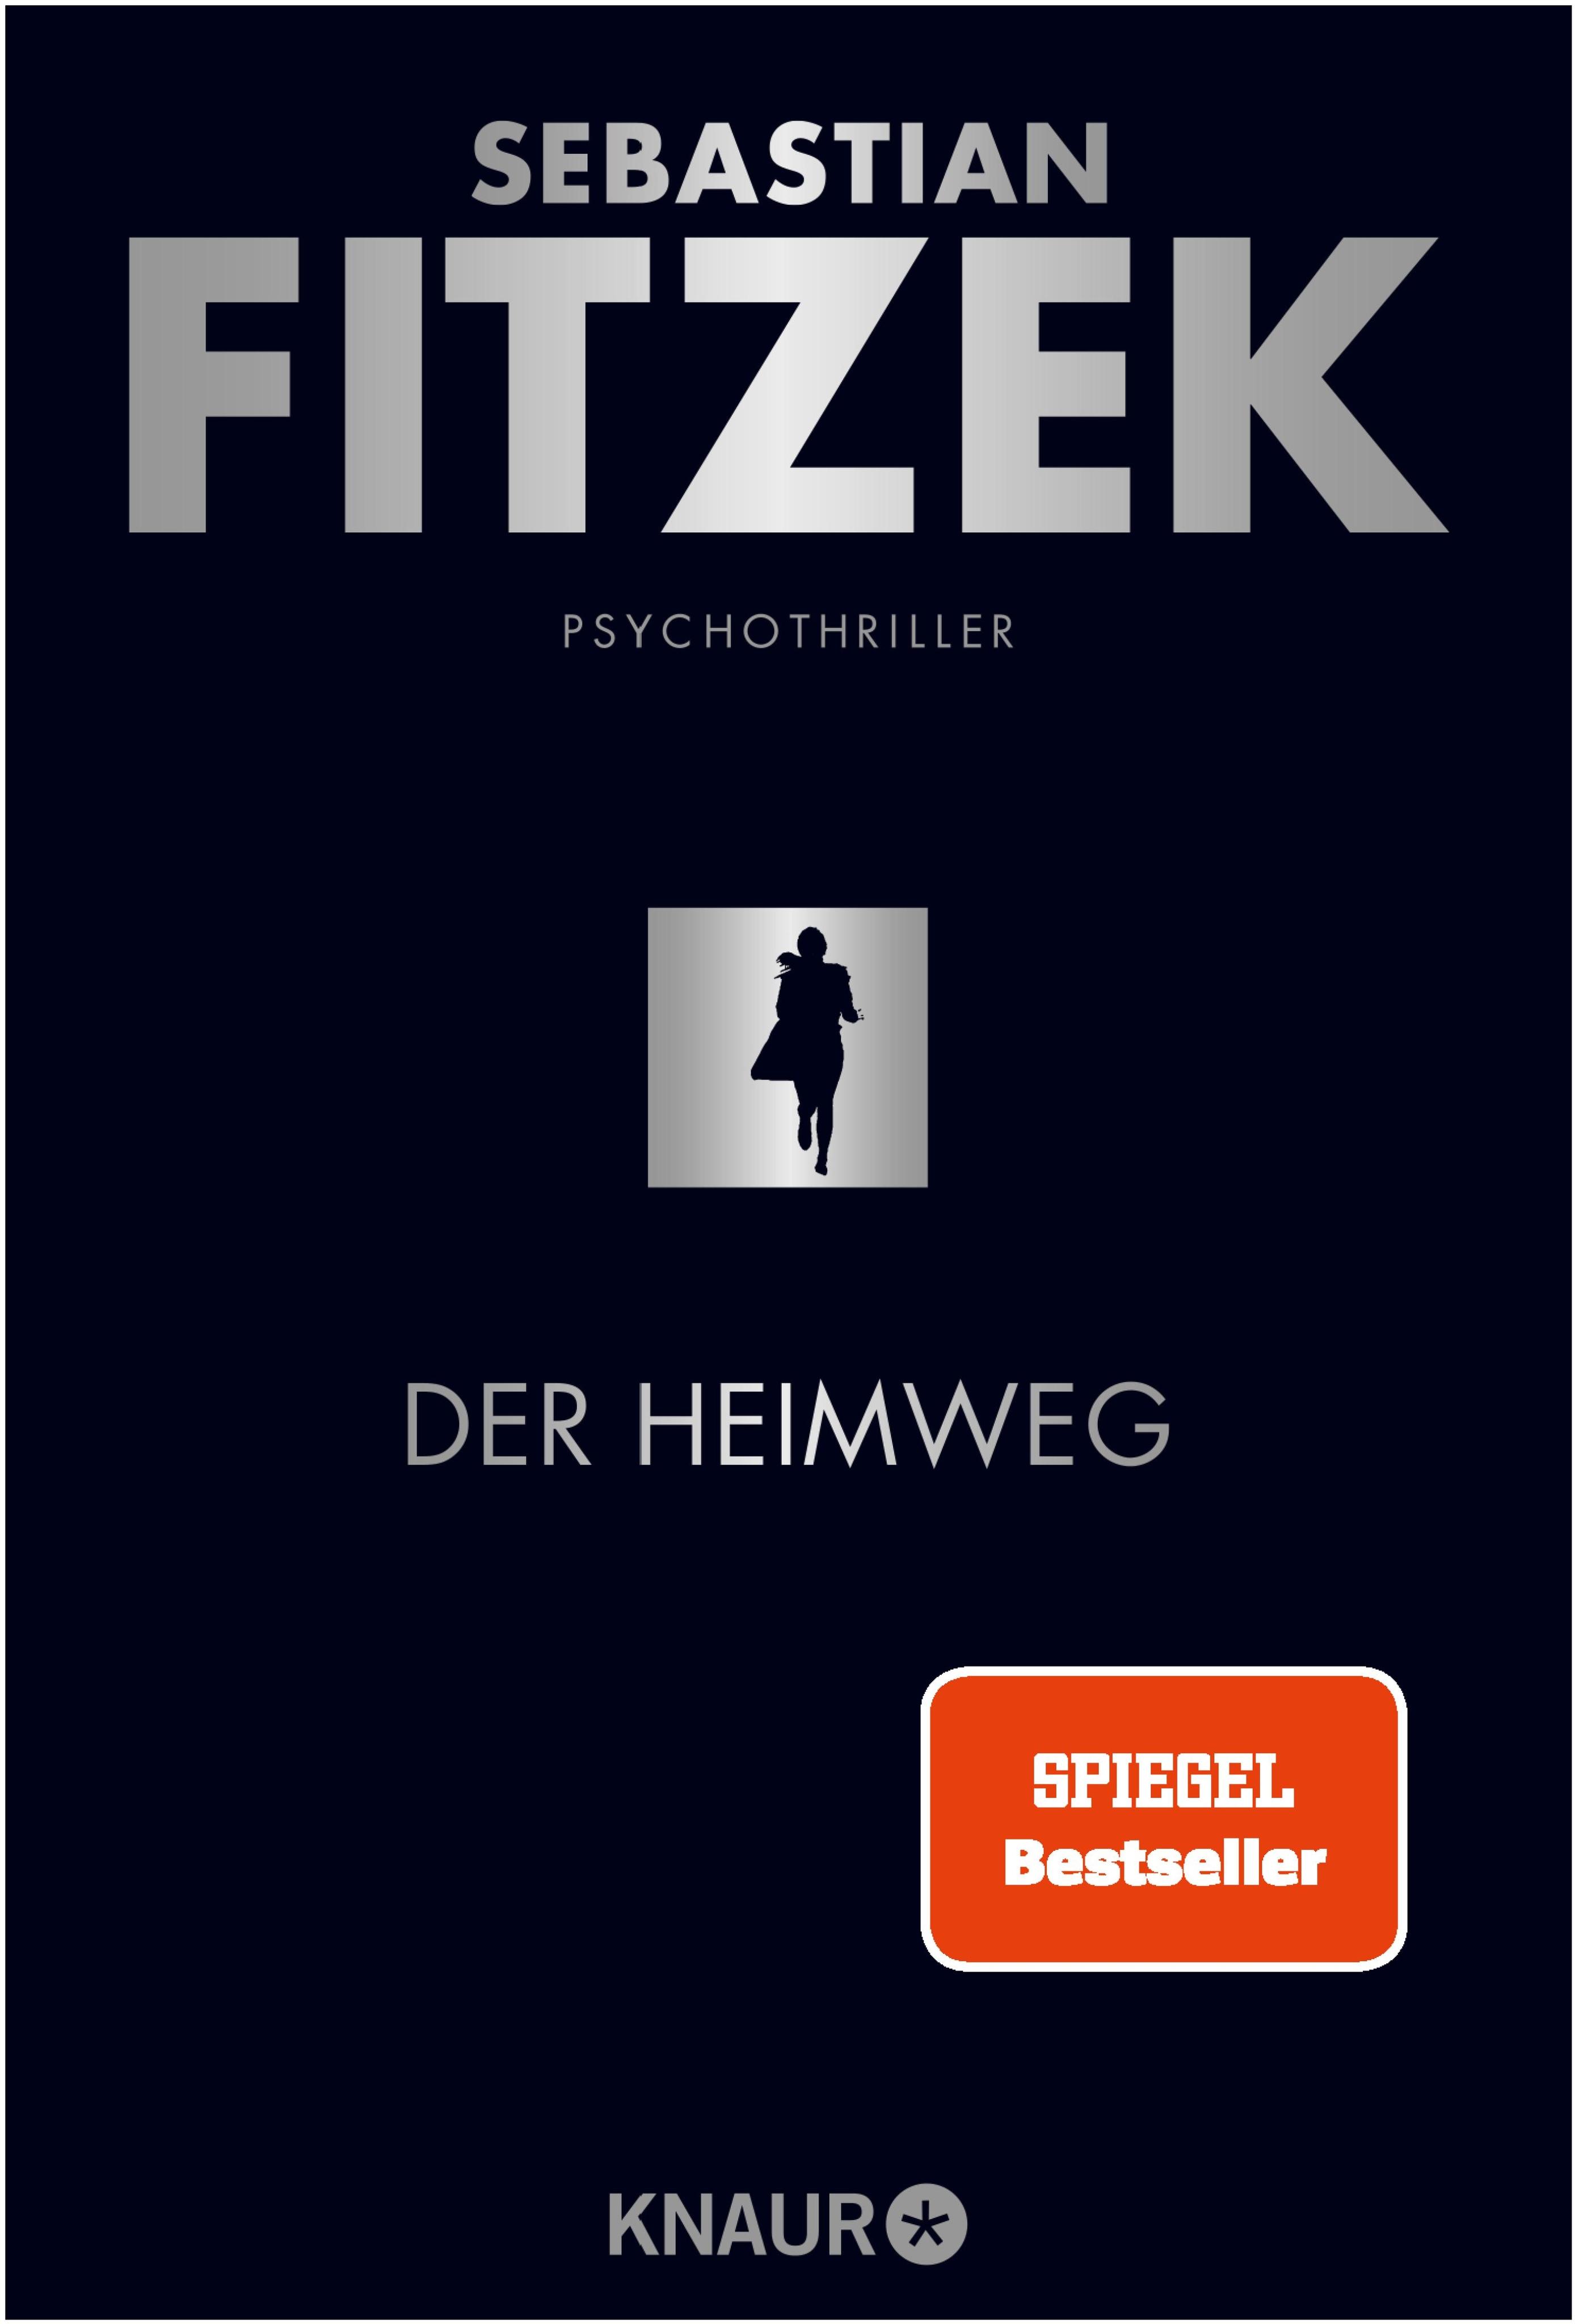 Der Heimweg von Fitzek, Sebastian: Psychothriller